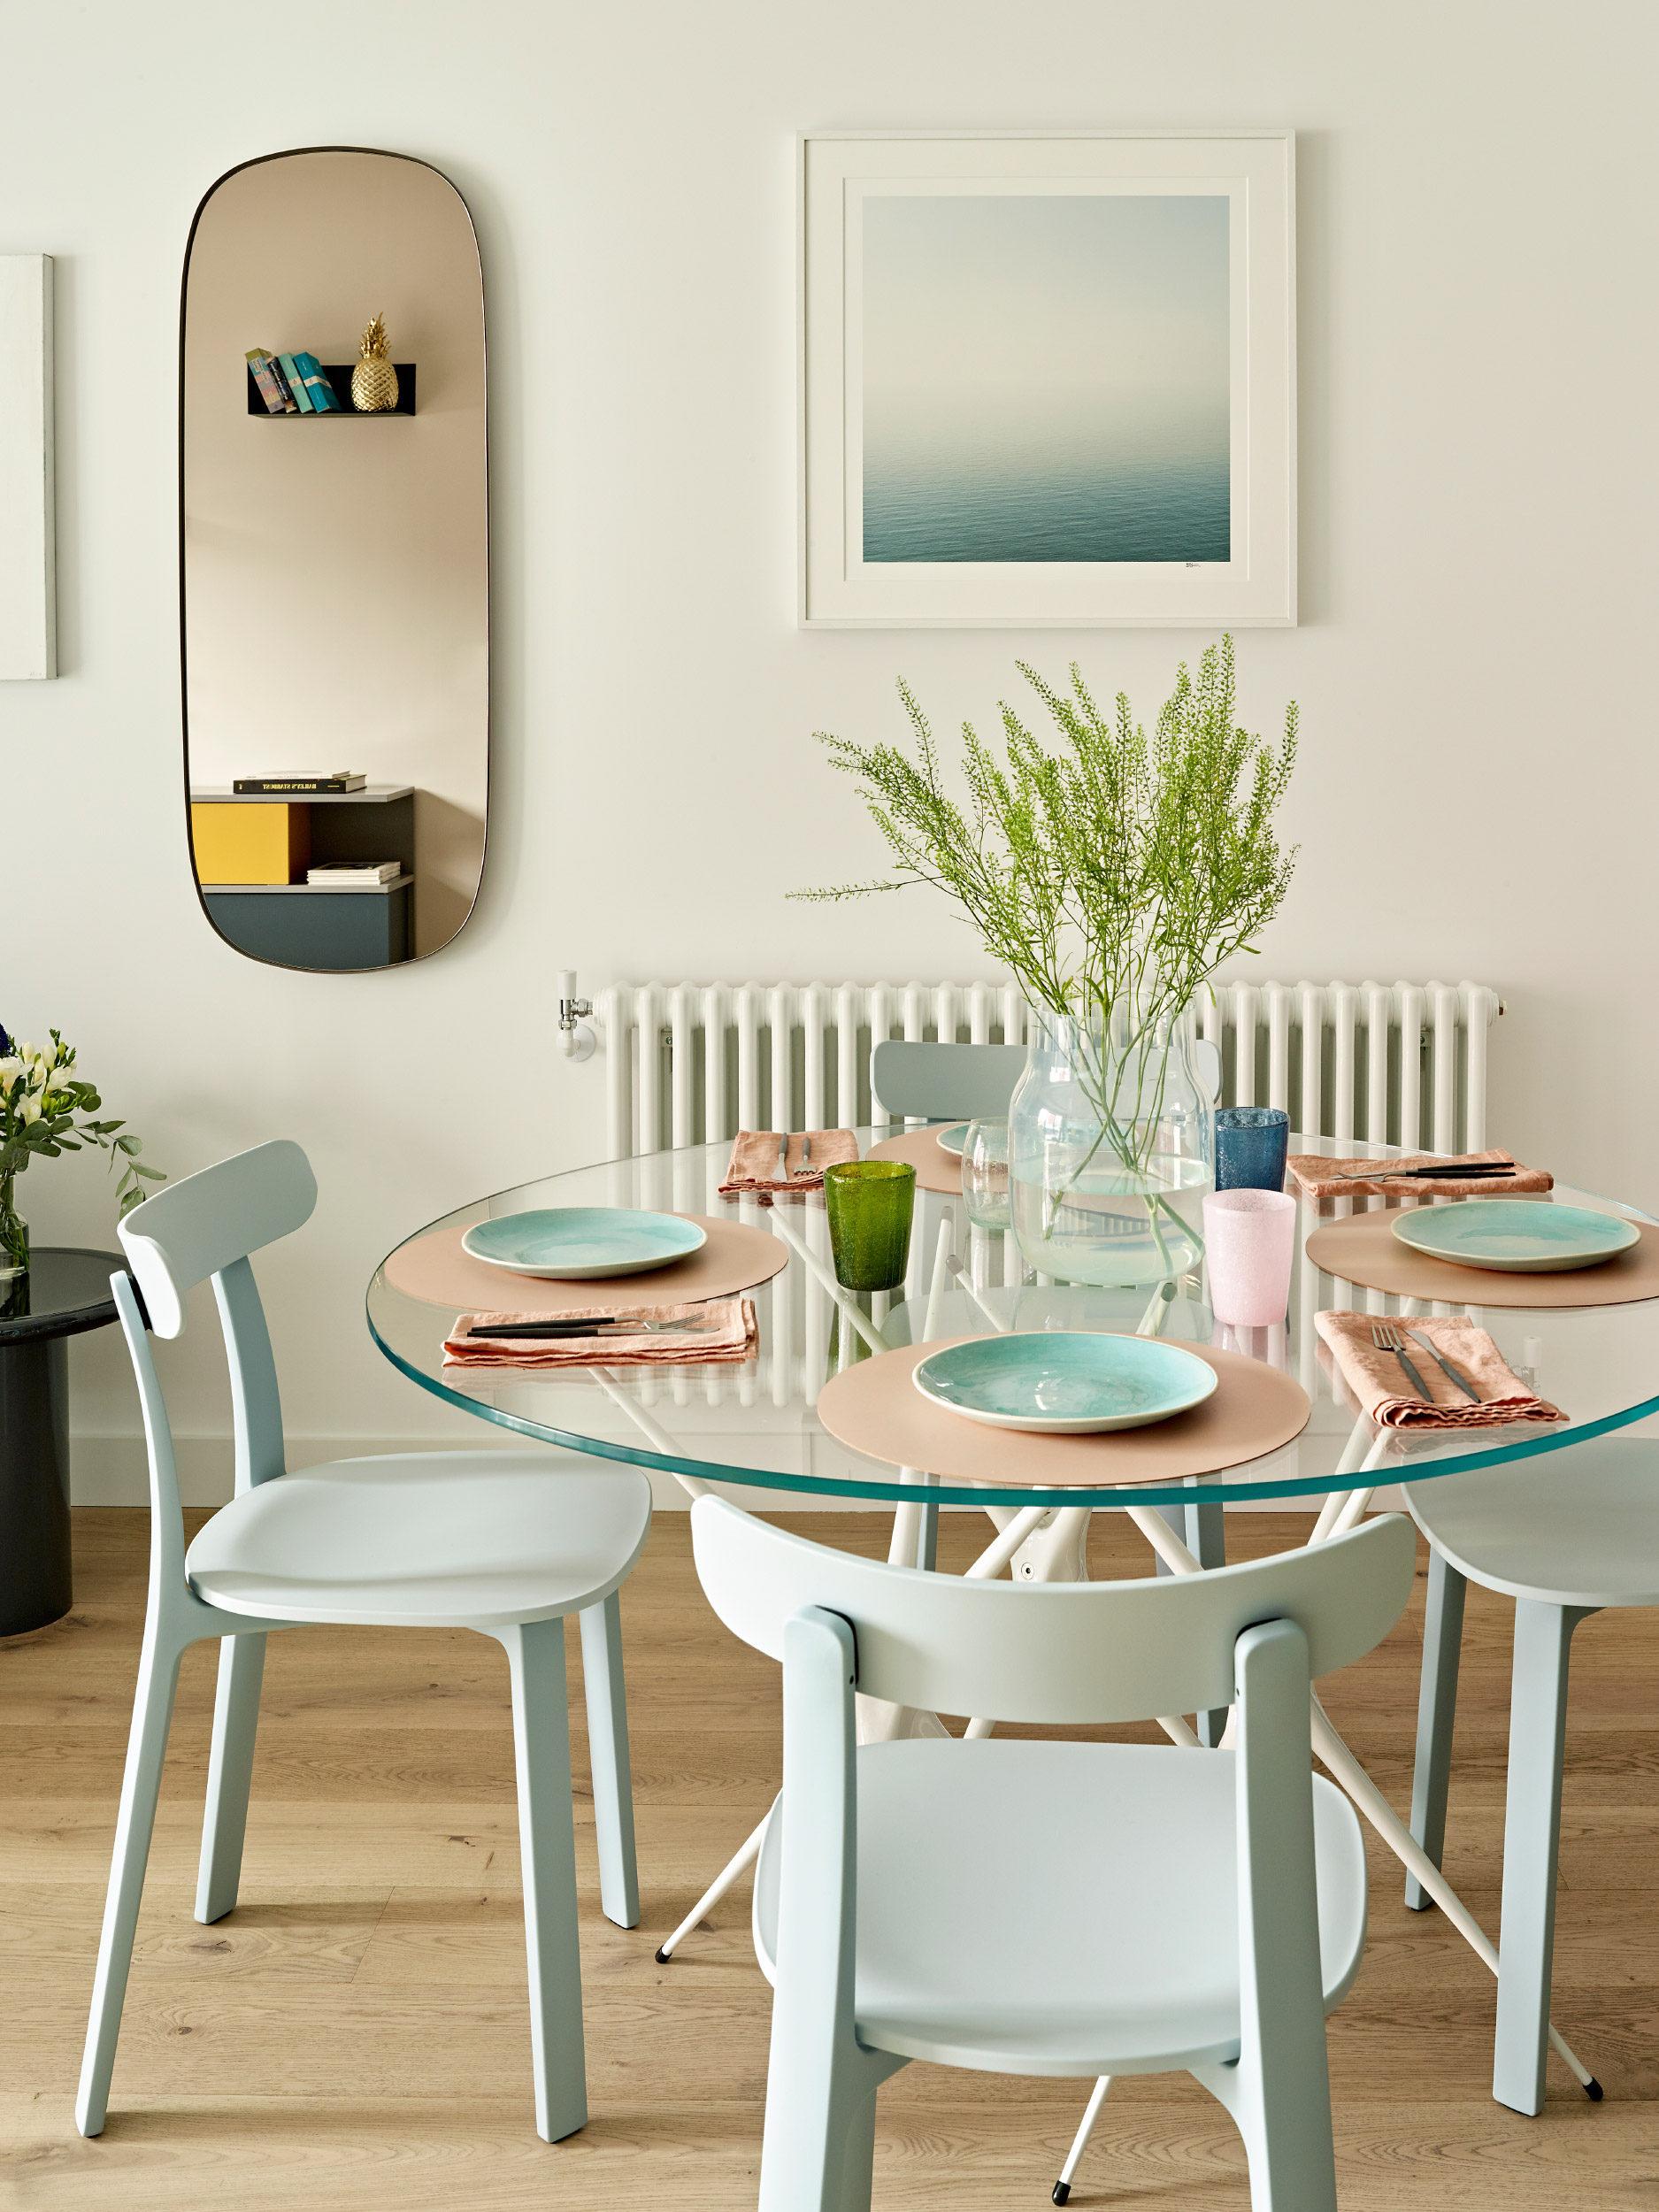 scaune si masa in culori pastel